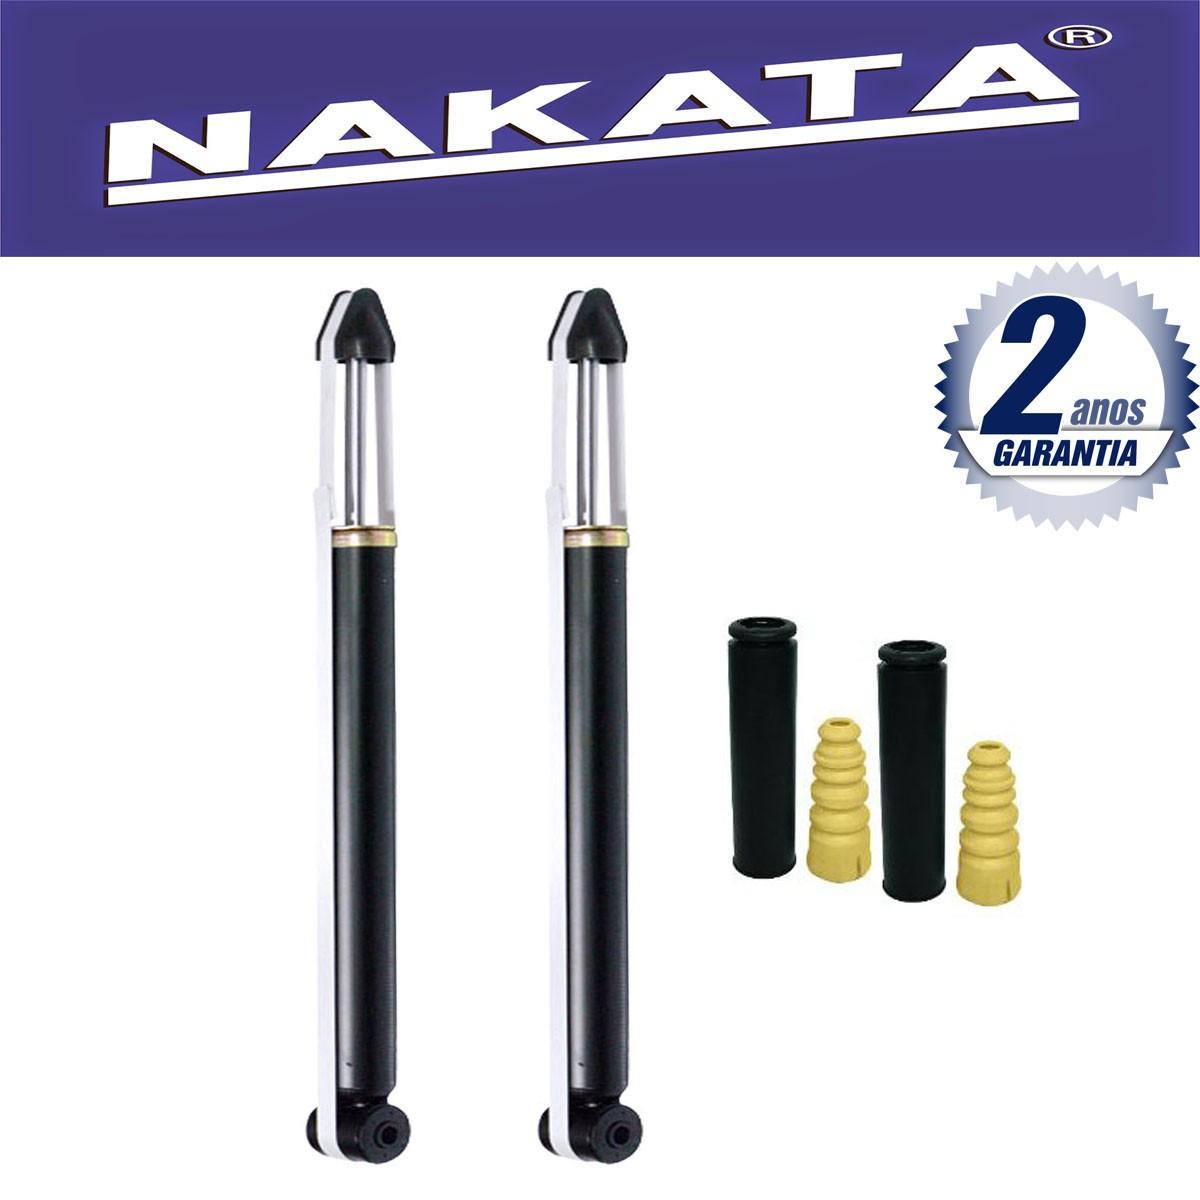 Par de Amortecedores Traseiro Nakata Ecosport 2003 Até 2013 + Kit da Suspensão